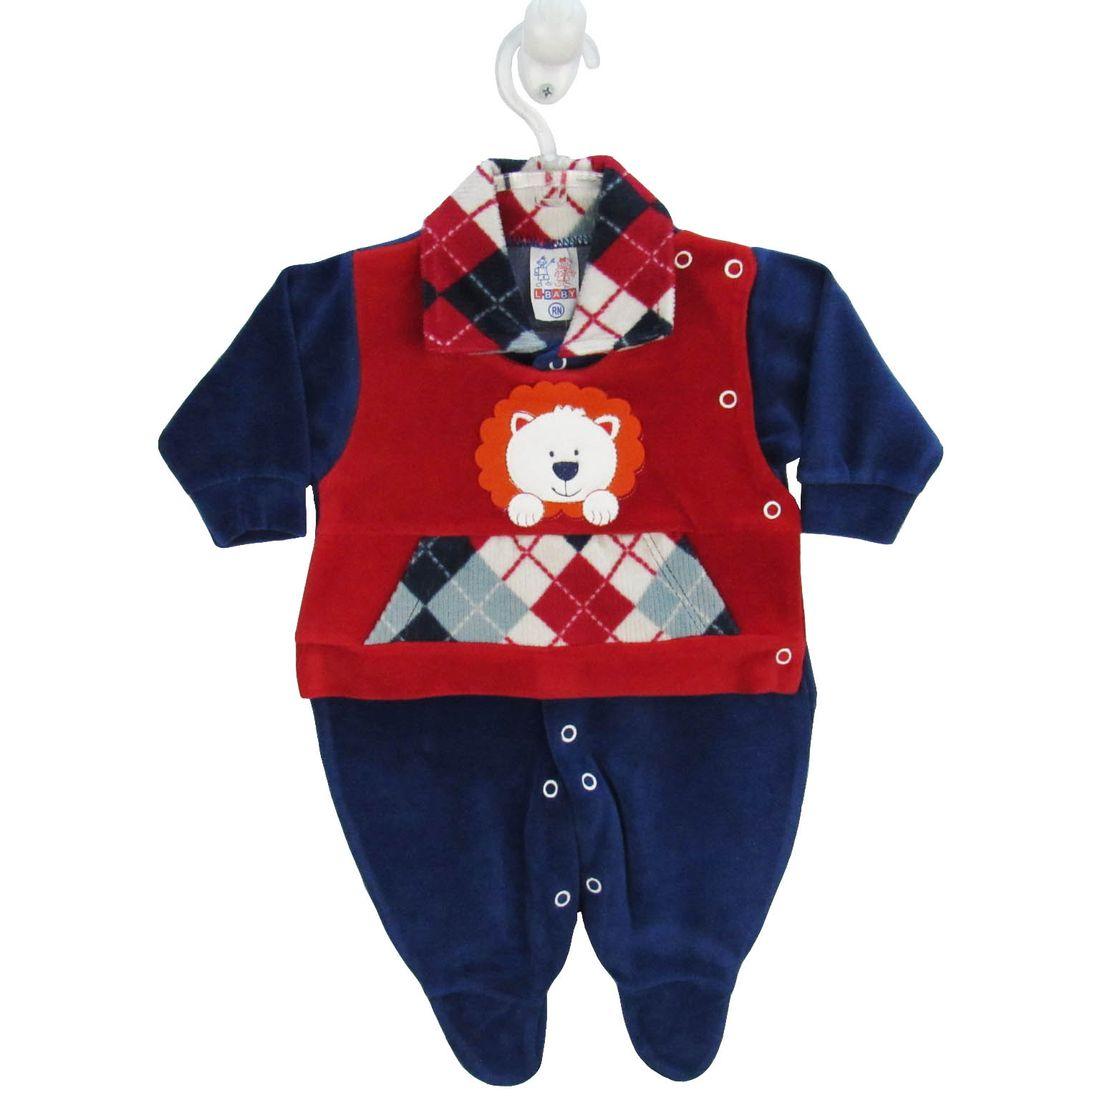 fc3d2675c2b820 Macacão Bebê Masculino Longo Plush Azul Marinho e Vermelho ...